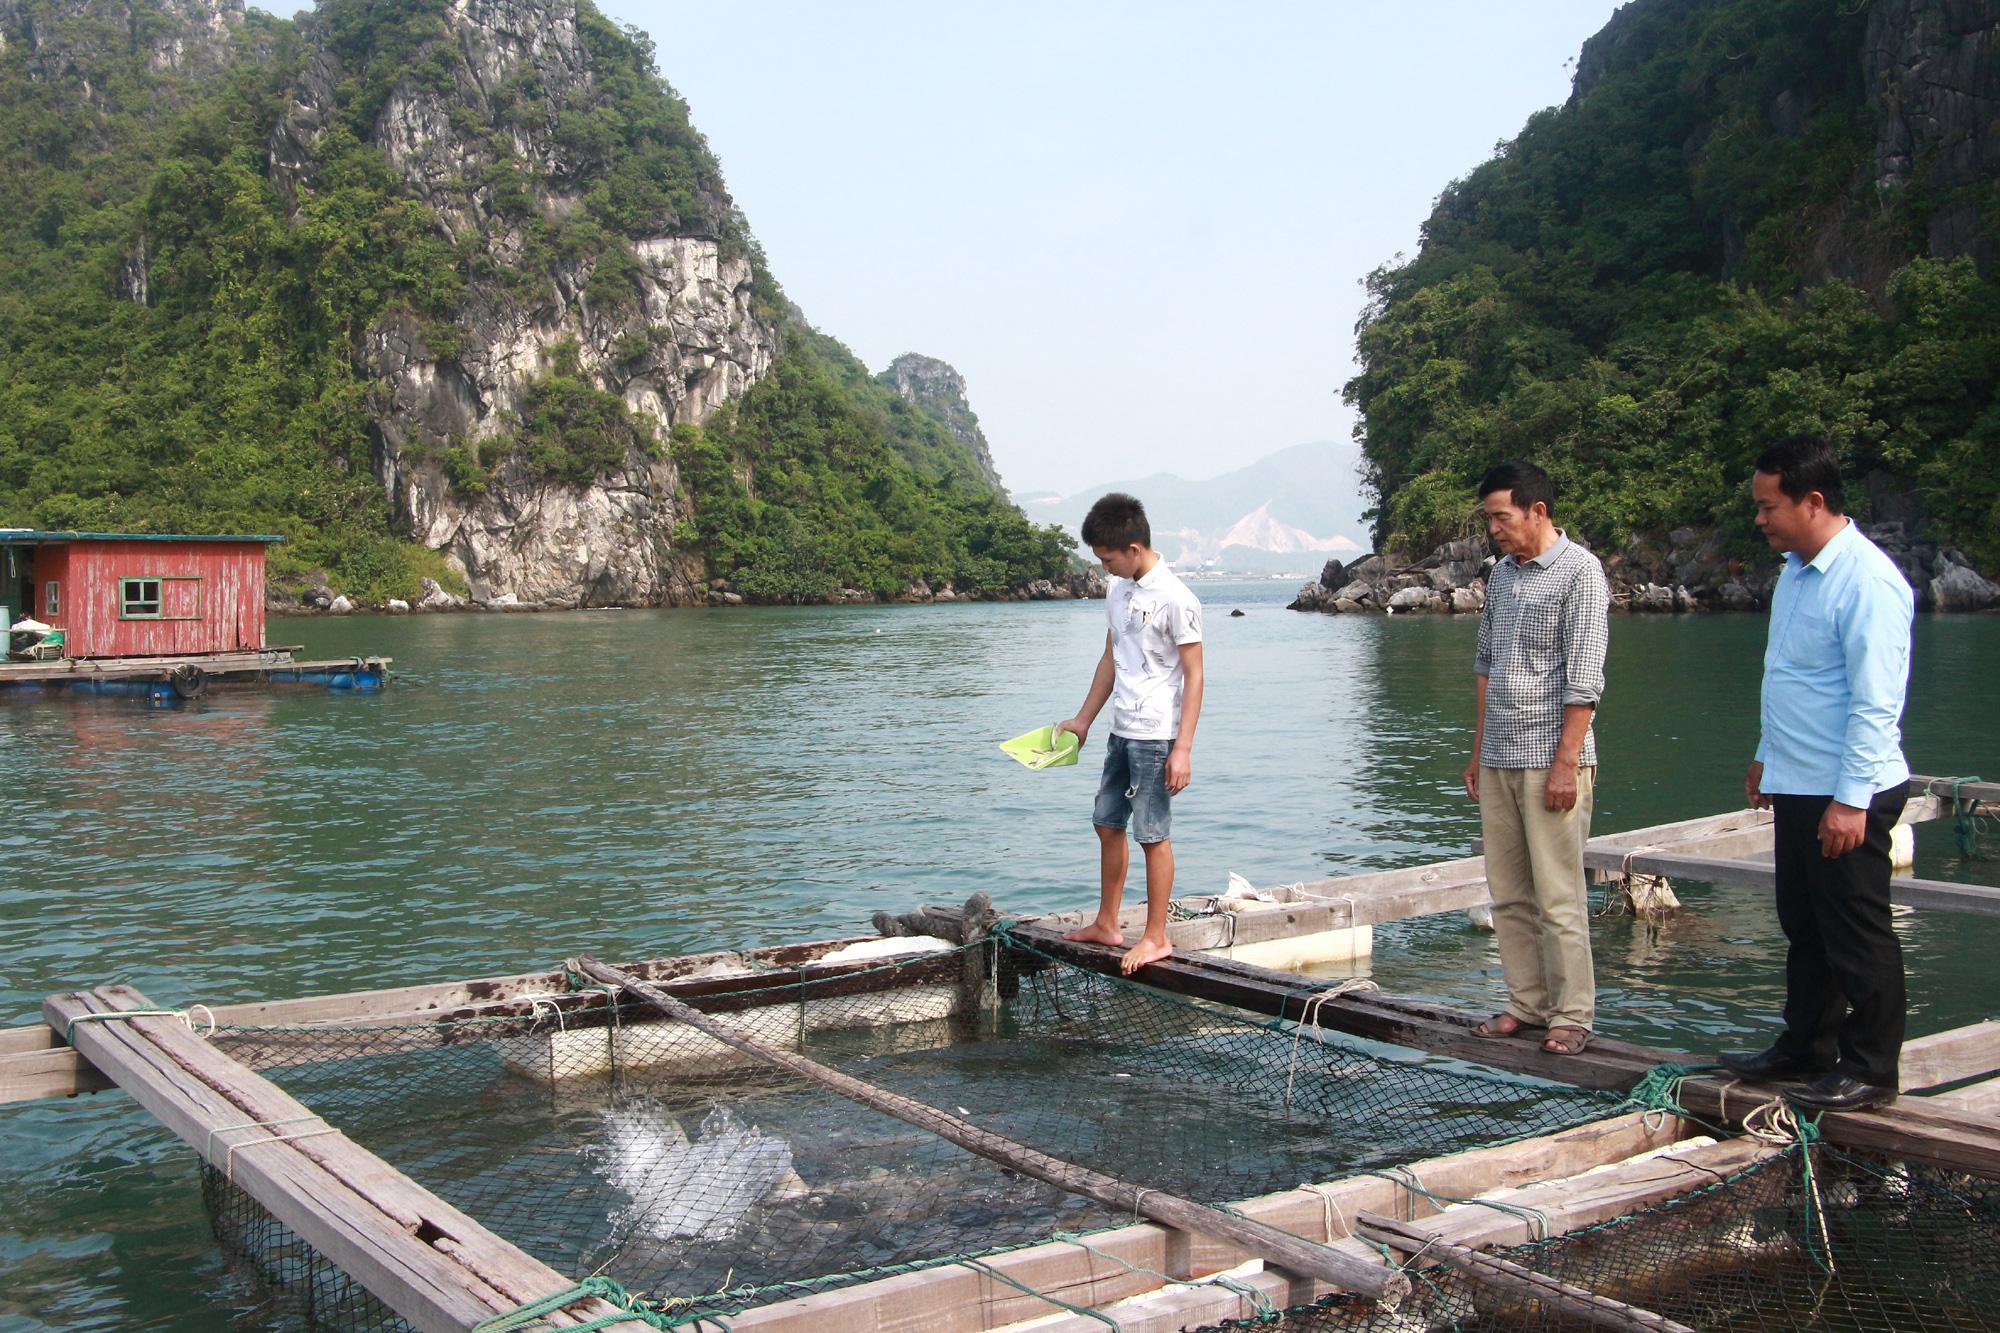 Sản vật biển tỉnh Quảng Ninh: Nuôi loài cá giò con to như bắp đùi người lớn, thịt ngọt, giá mềm là vì điều này - Ảnh 5.